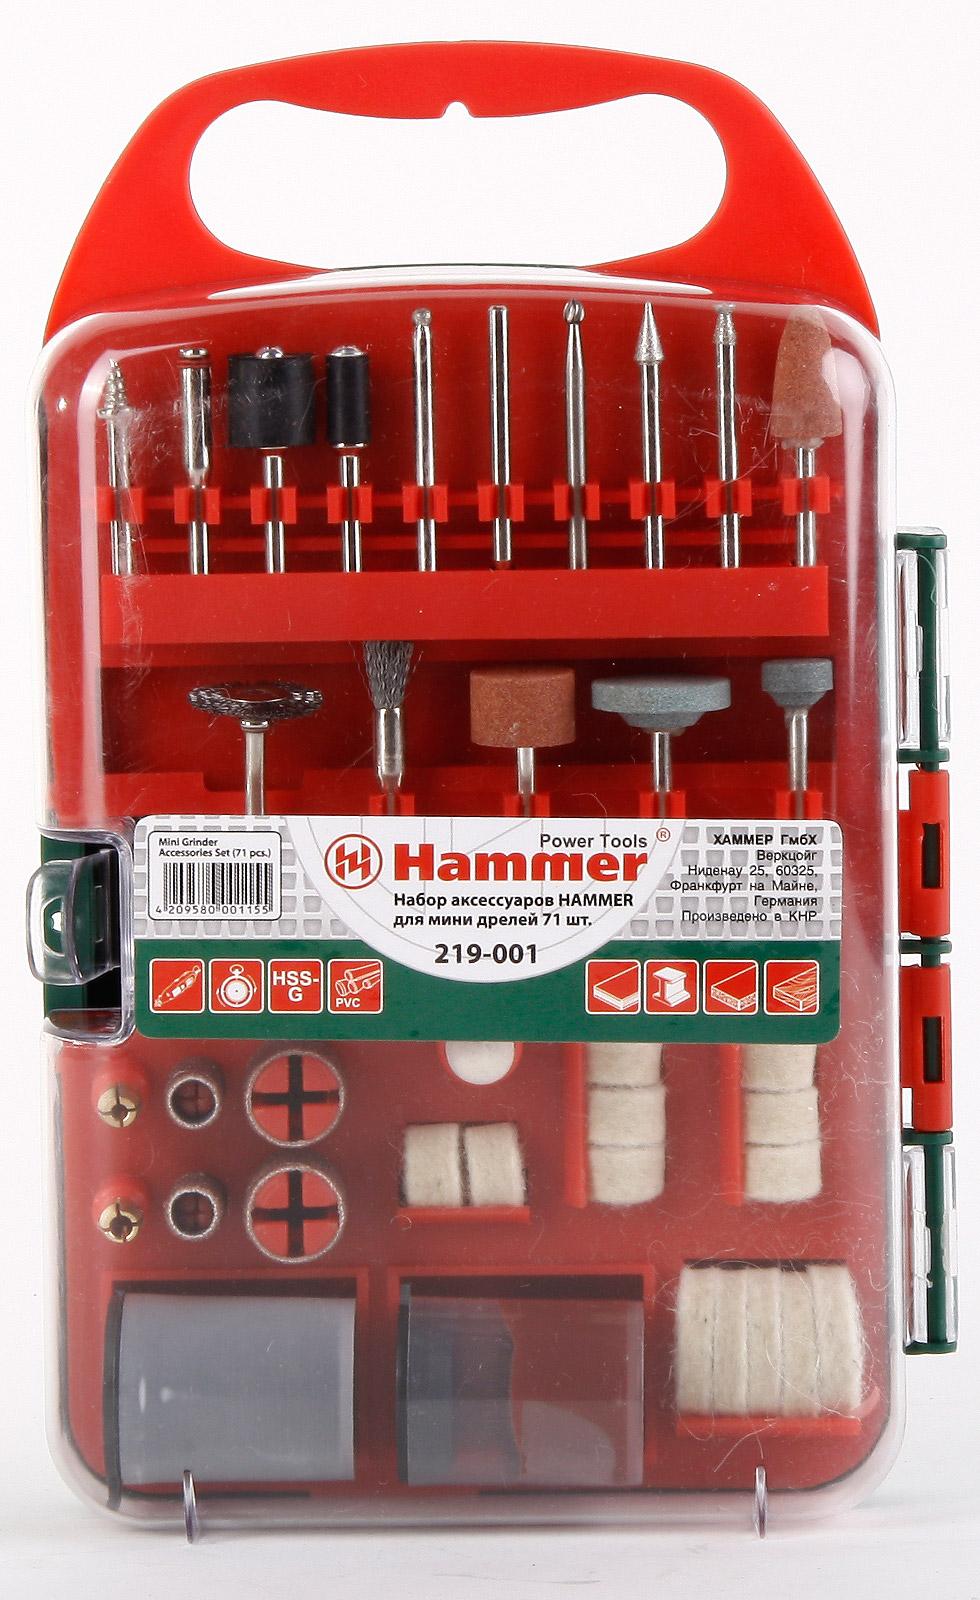 Набор насадок для дрели Hammer Md ac - 1 набор аксессуаров hammer flex 219 003 md ac 3 для мини дрелей 187 шт